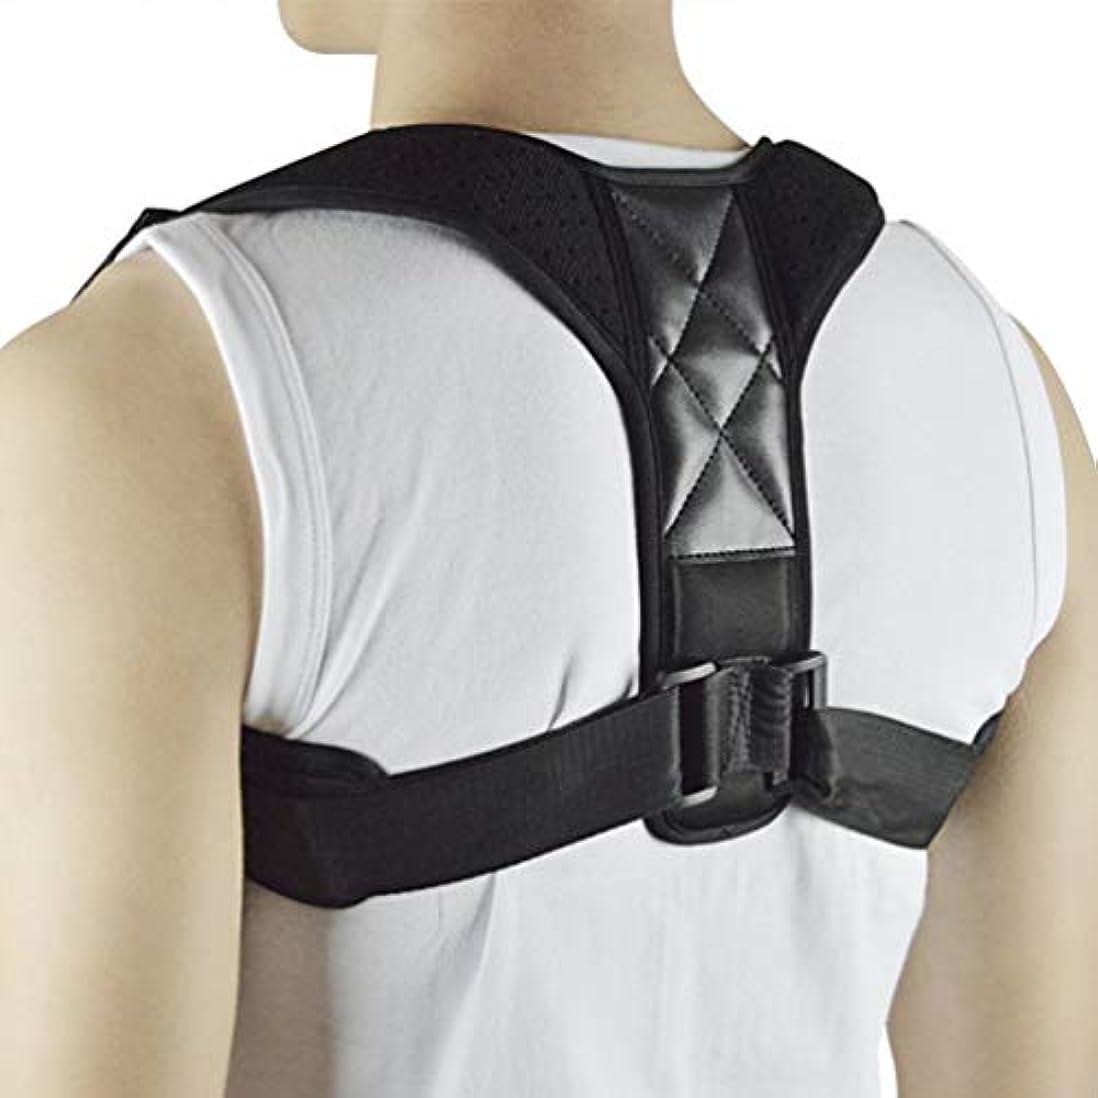 校長代表視聴者WT-C734ザトウクジラ矯正ベルト大人の脊椎背部固定子の背部矯正 - 多色アドバンス